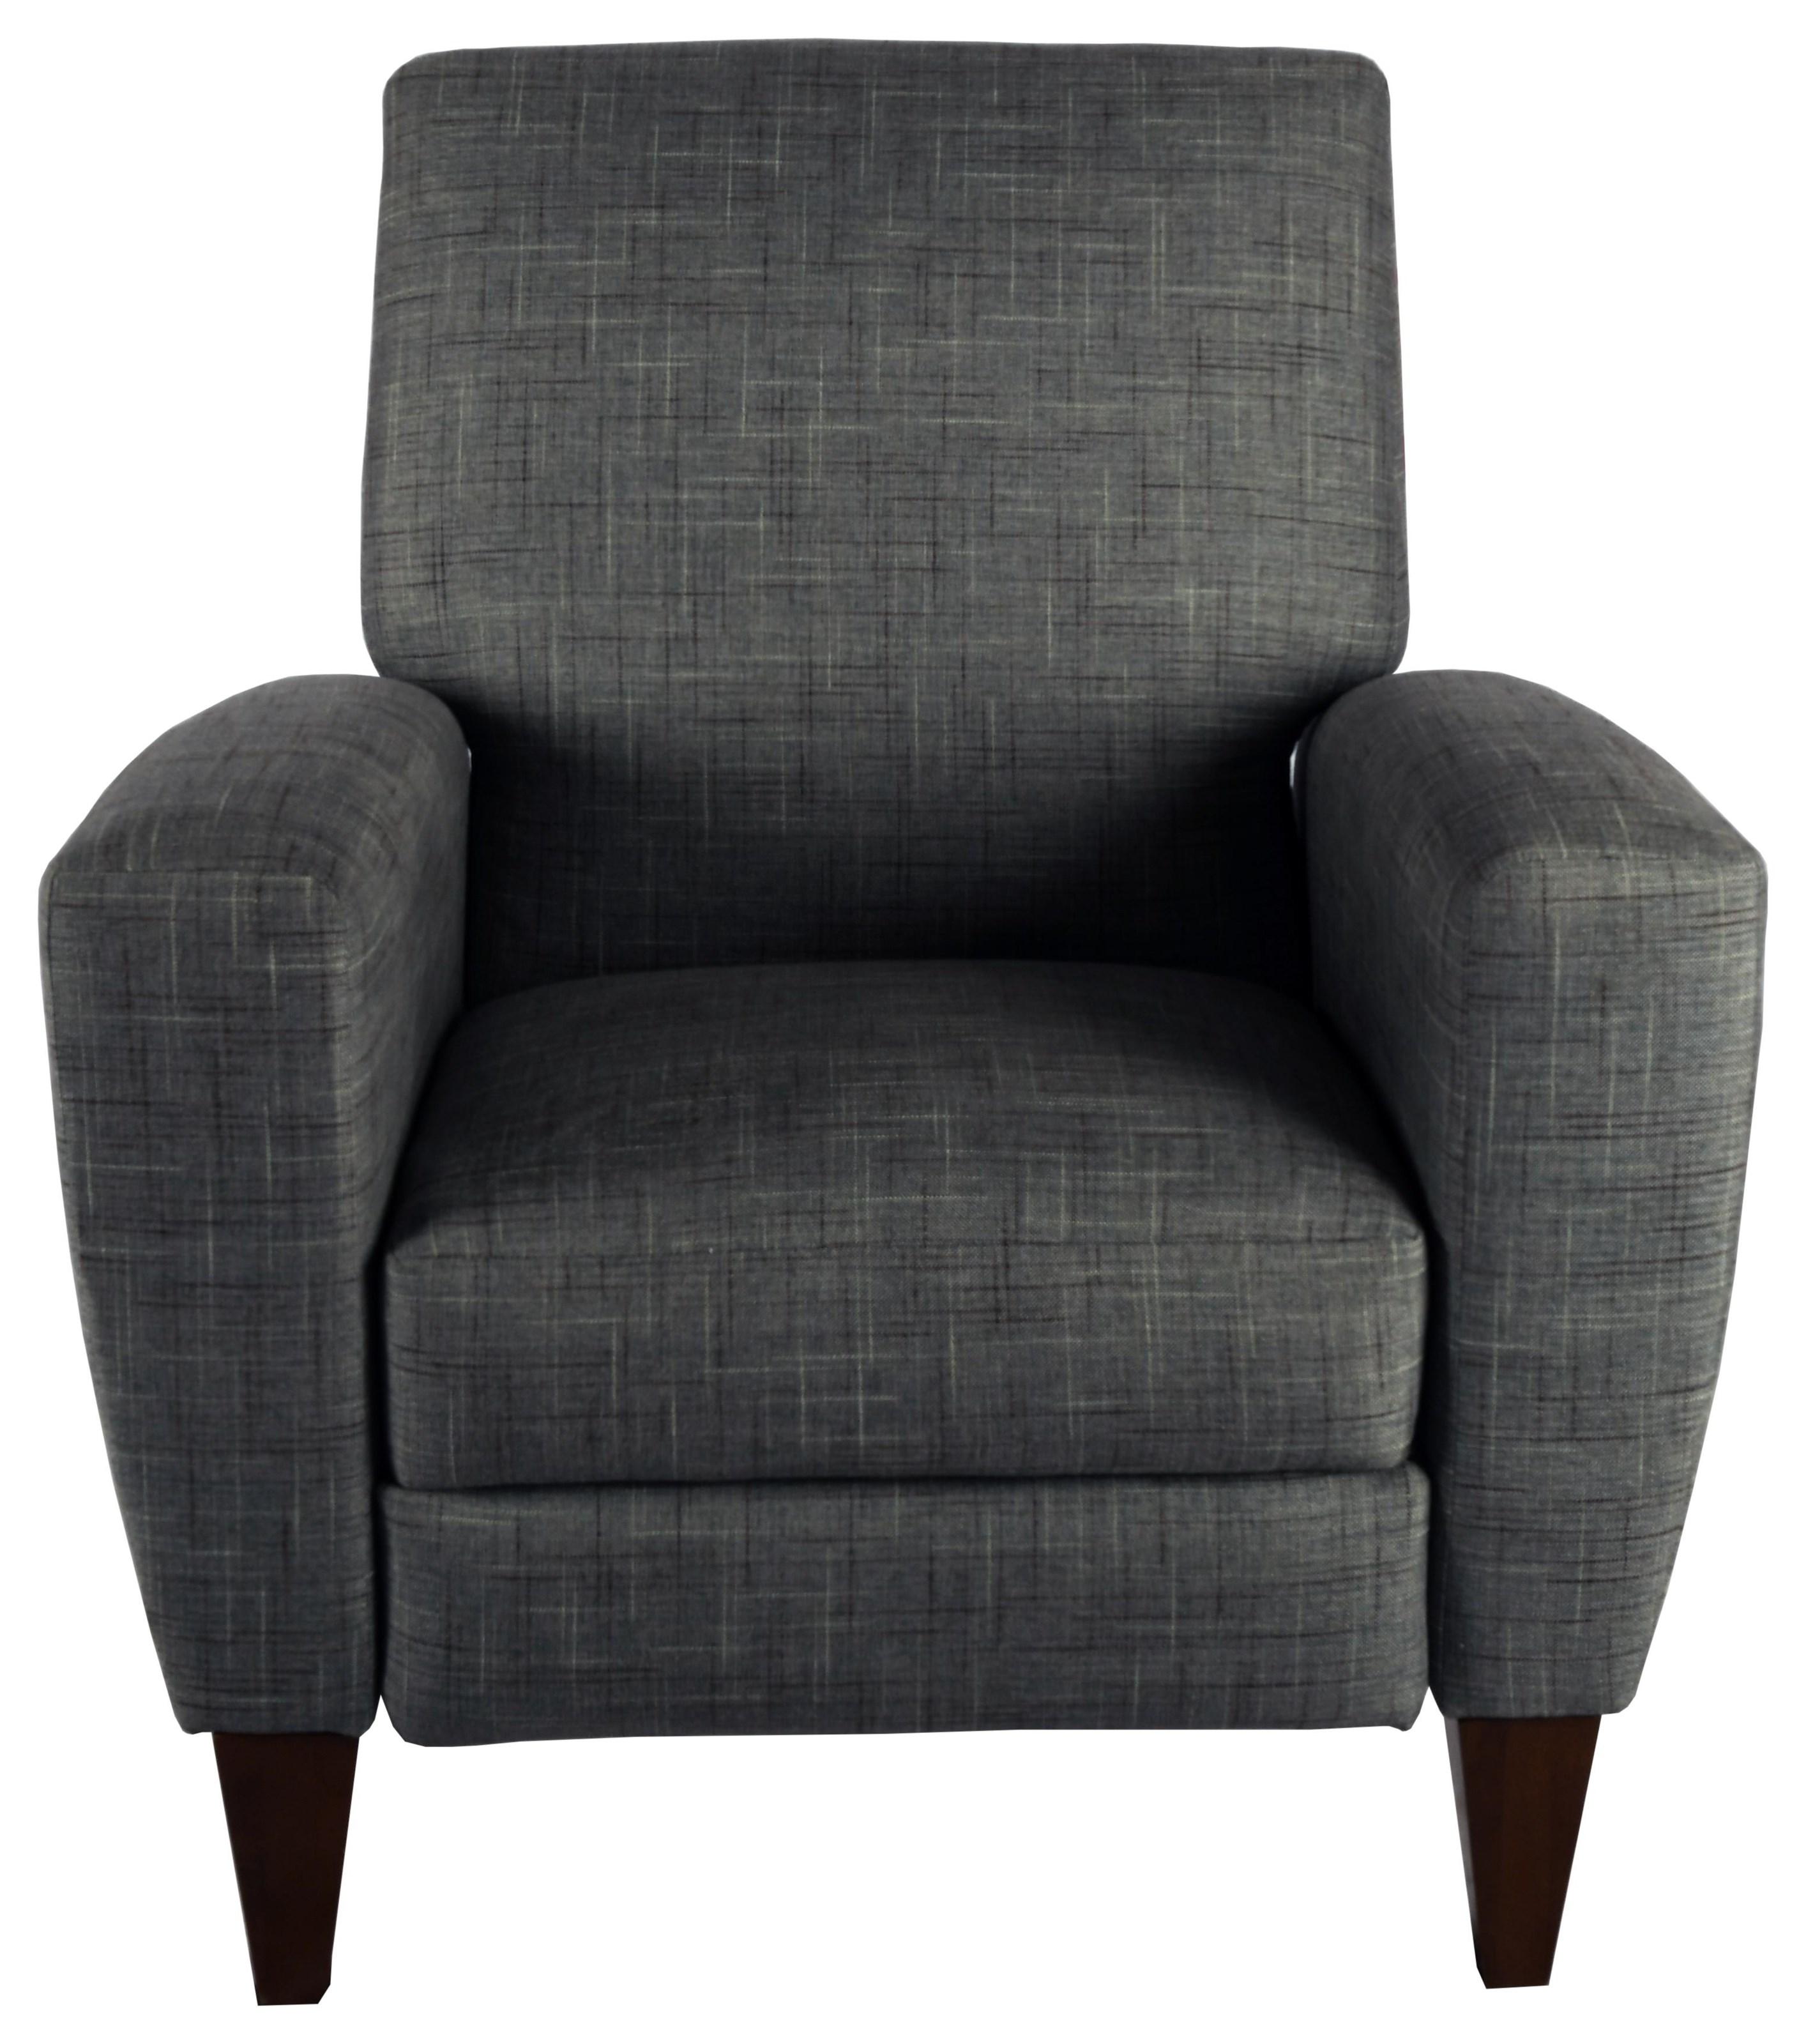 Scarlett High Leg Recliner - 2 Position Mechanism by La-Z-Boy at Bennett's Furniture and Mattresses